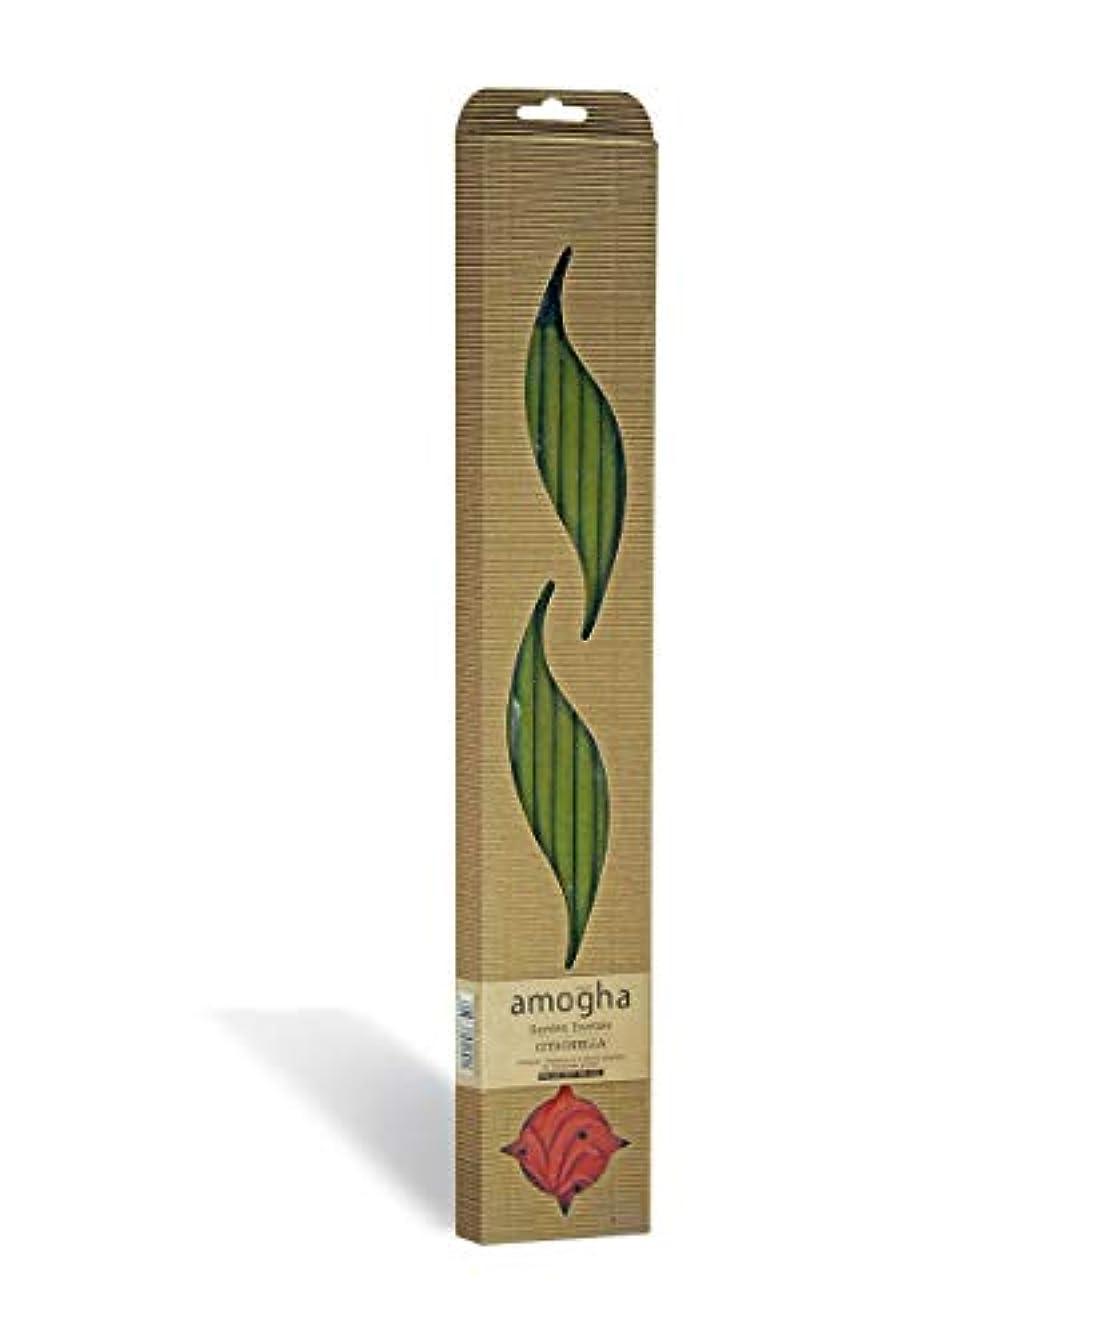 代表団小さい秀でるIris Amogha Citronella Bamboo Incense Stick Set (8.8 cm x 2.5 cm x 53.3 cm, Green)